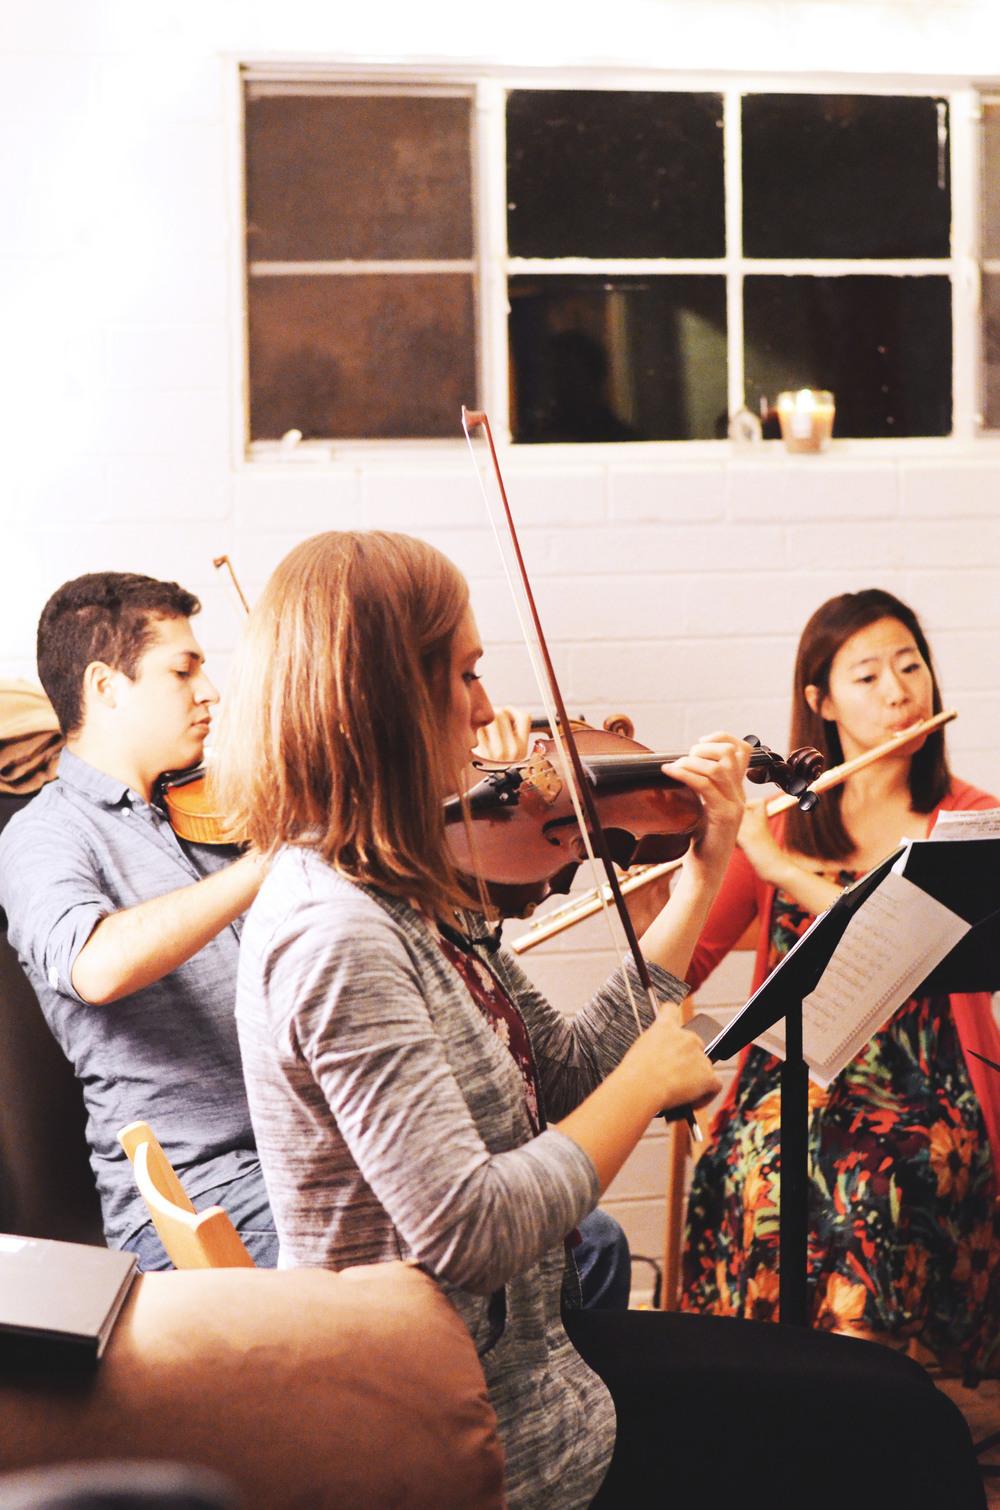 Left to Right: Emilio Vazquez, Olivia Lemmelin, NaYoung Ham